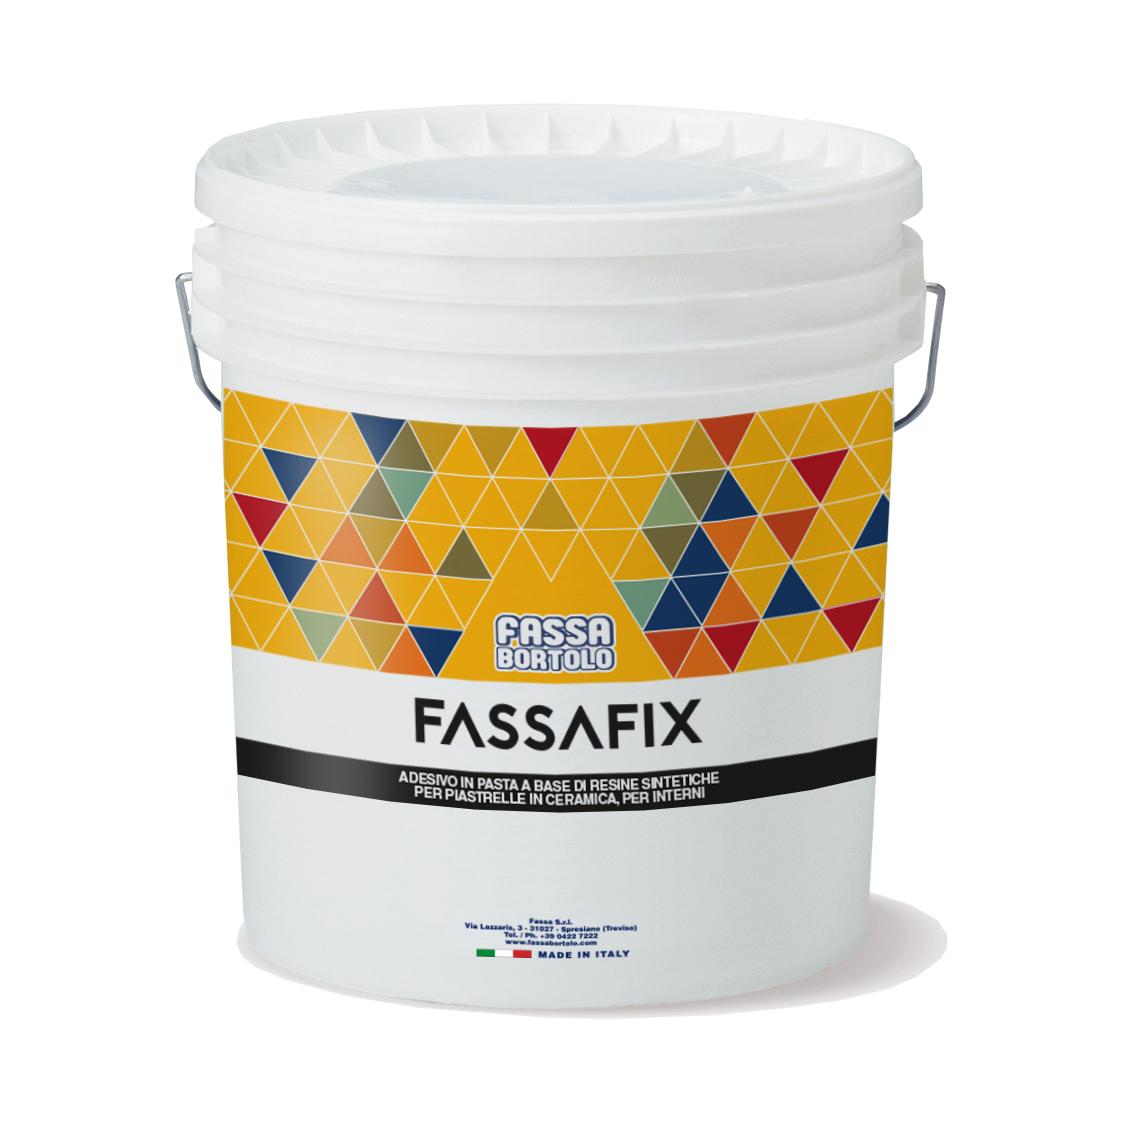 FASSAFIX